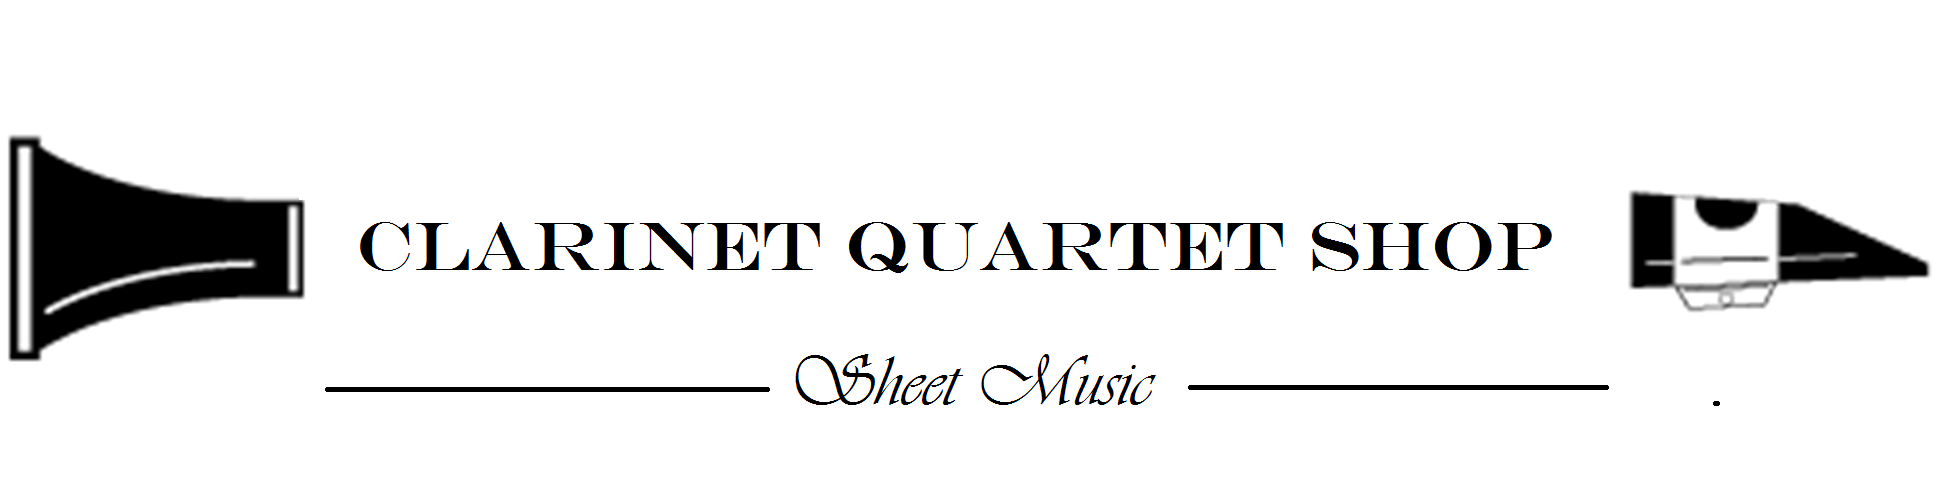 Clarinet Quartet Shop